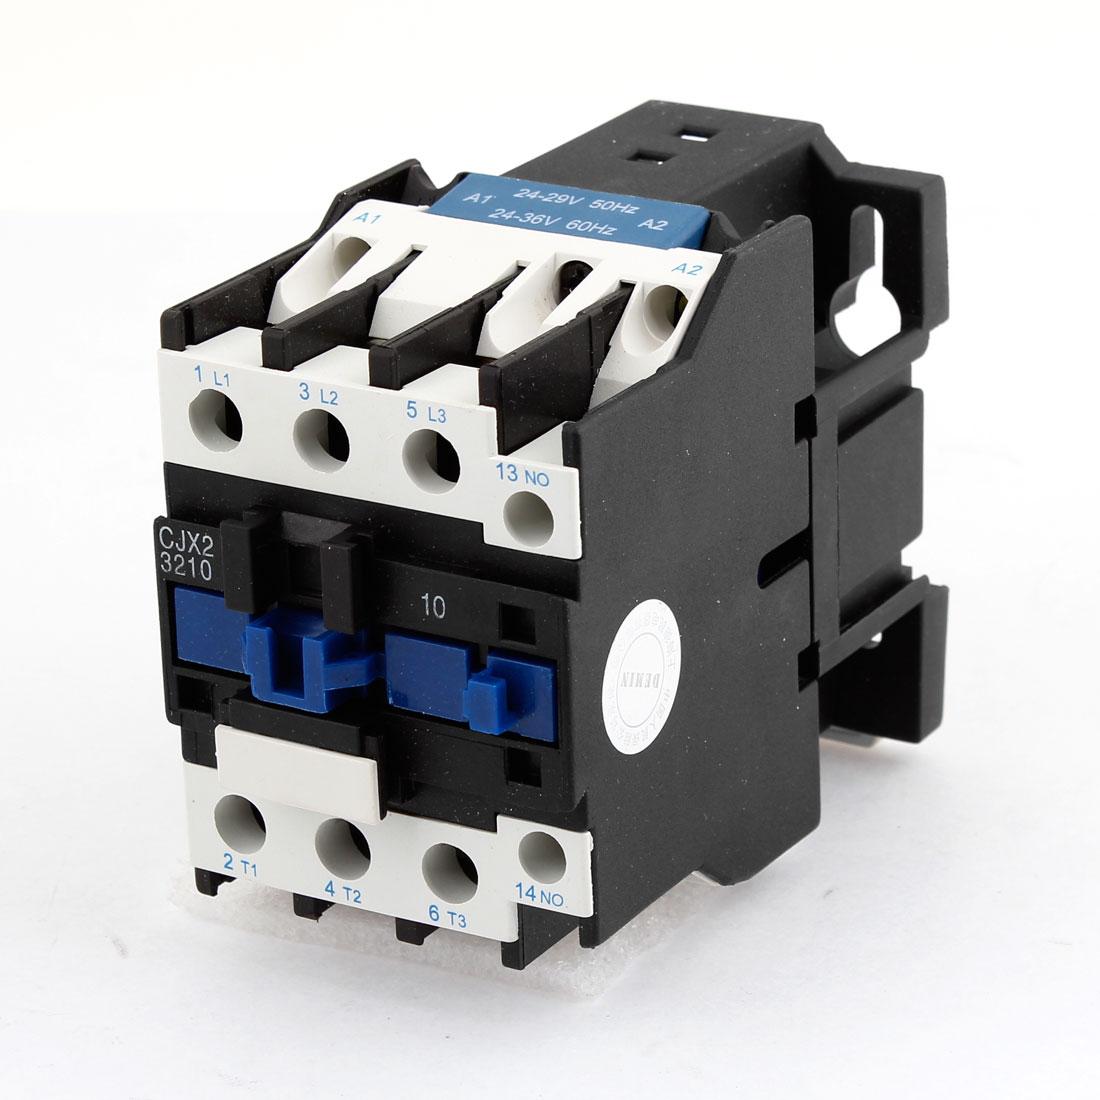 CJX2-3210 Ui690V Ith50A 3Poles 24-29/24-36V 50/60Hz Coil Circuit AC Contactor